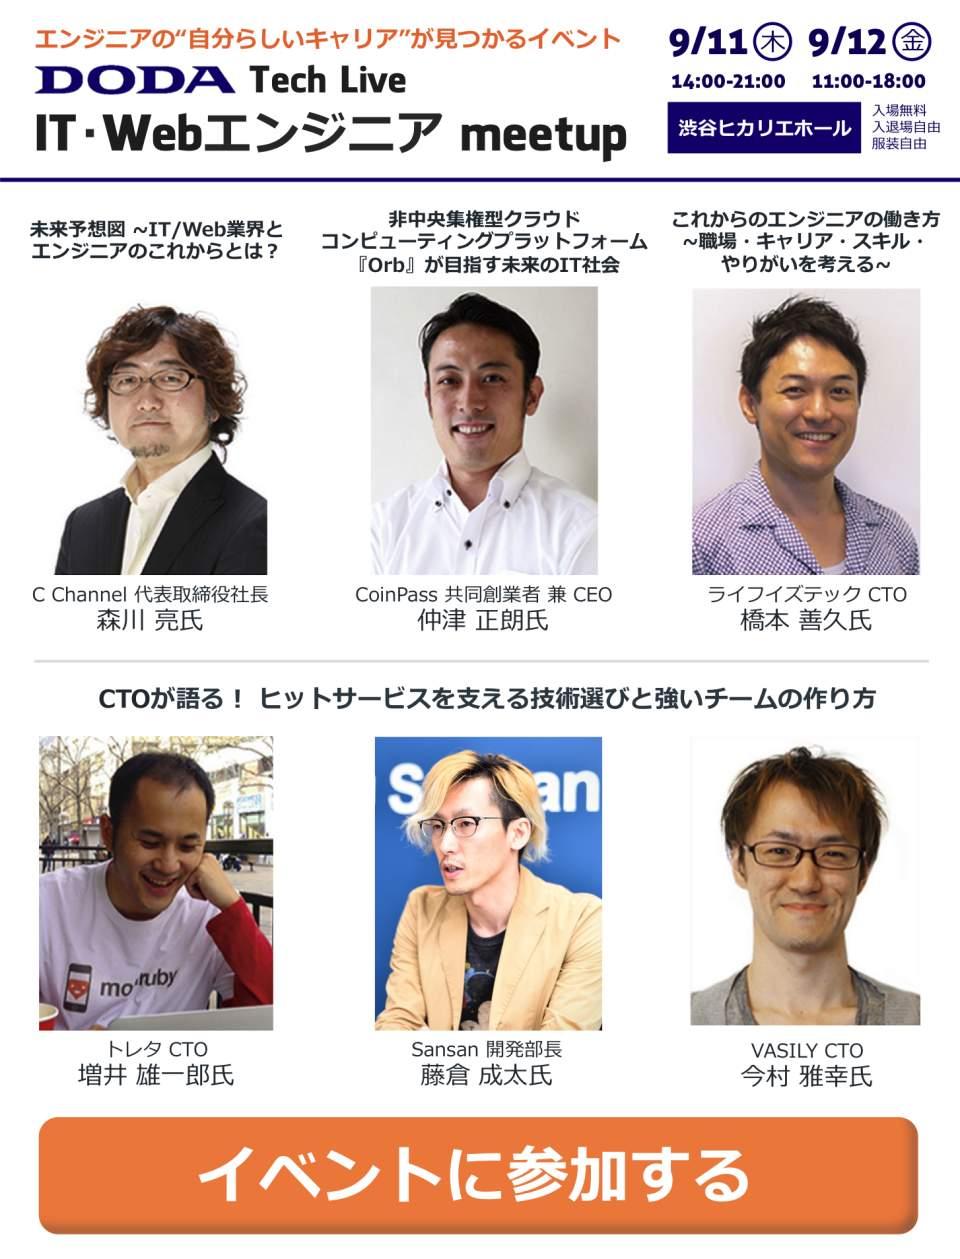 森川亮、橋本善久が描く、IT業界・エンジニアの「未来予想図」:あのエンジニアに会えるイベント開催 8番目の画像